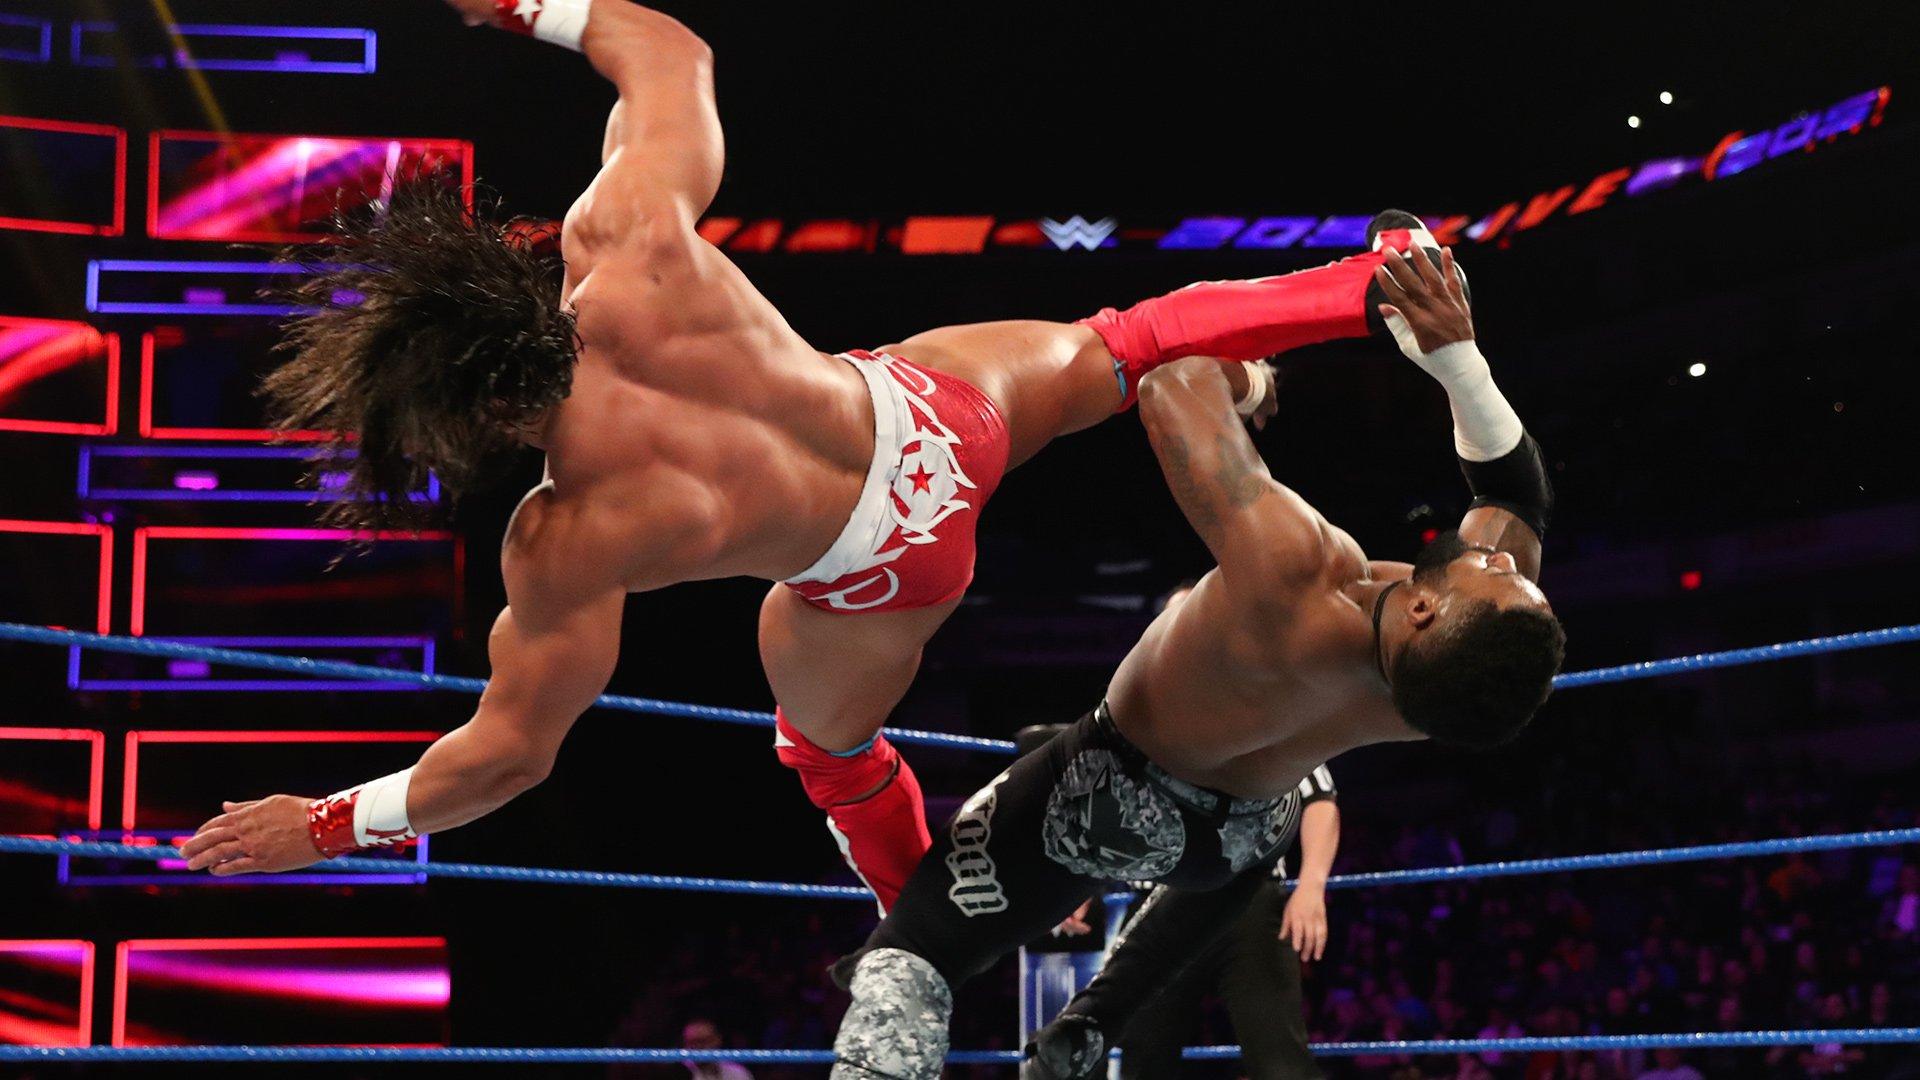 Cedric Alexander vs. Tony Nese - Finale du Tournoi pour le Championnat Cruiserweight: WWE 205 Live, 19 Mars 2019